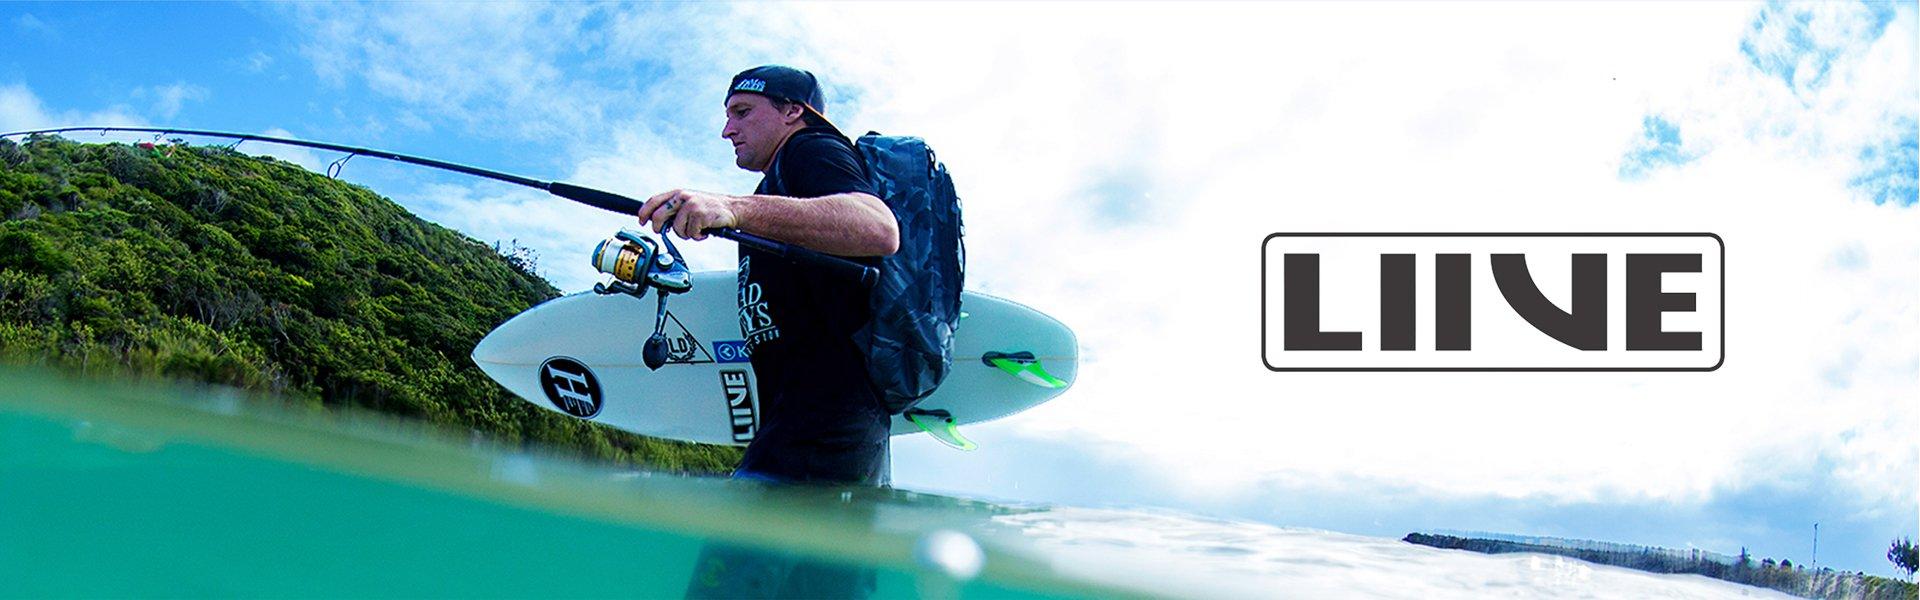 c0f57cec59 Manly Surfboards - Australia s Premier Online Surf Shop